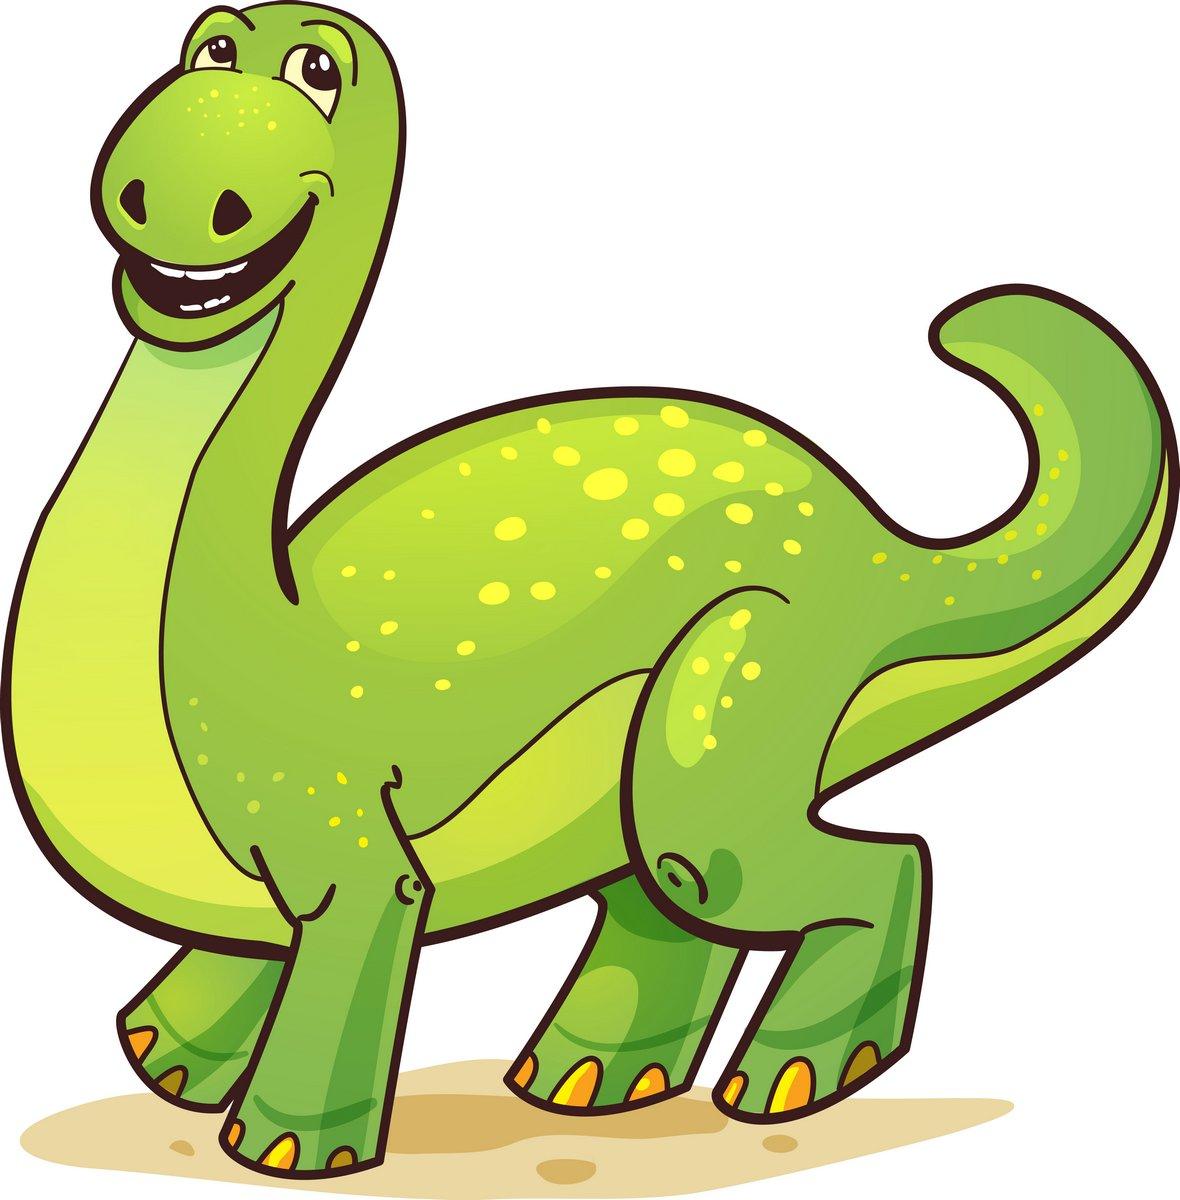 Постер Разные детские постеры Веселый динозаврРазные детские постеры<br>Постер на холсте или бумаге. Любого нужного вам размера. В раме или без. Подвес в комплекте. Трехслойная надежная упаковка. Доставим в любую точку России. Вам осталось только повесить картину на стену!<br>